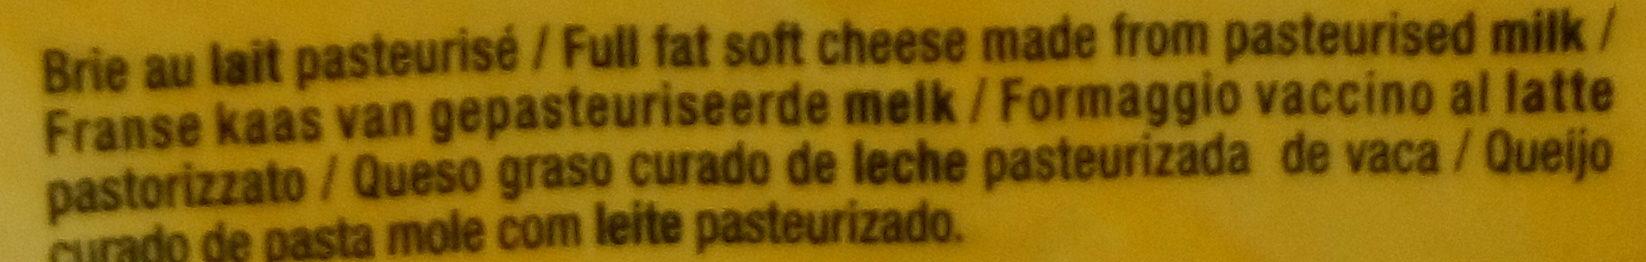 Le Bon Brie - Ingrédients